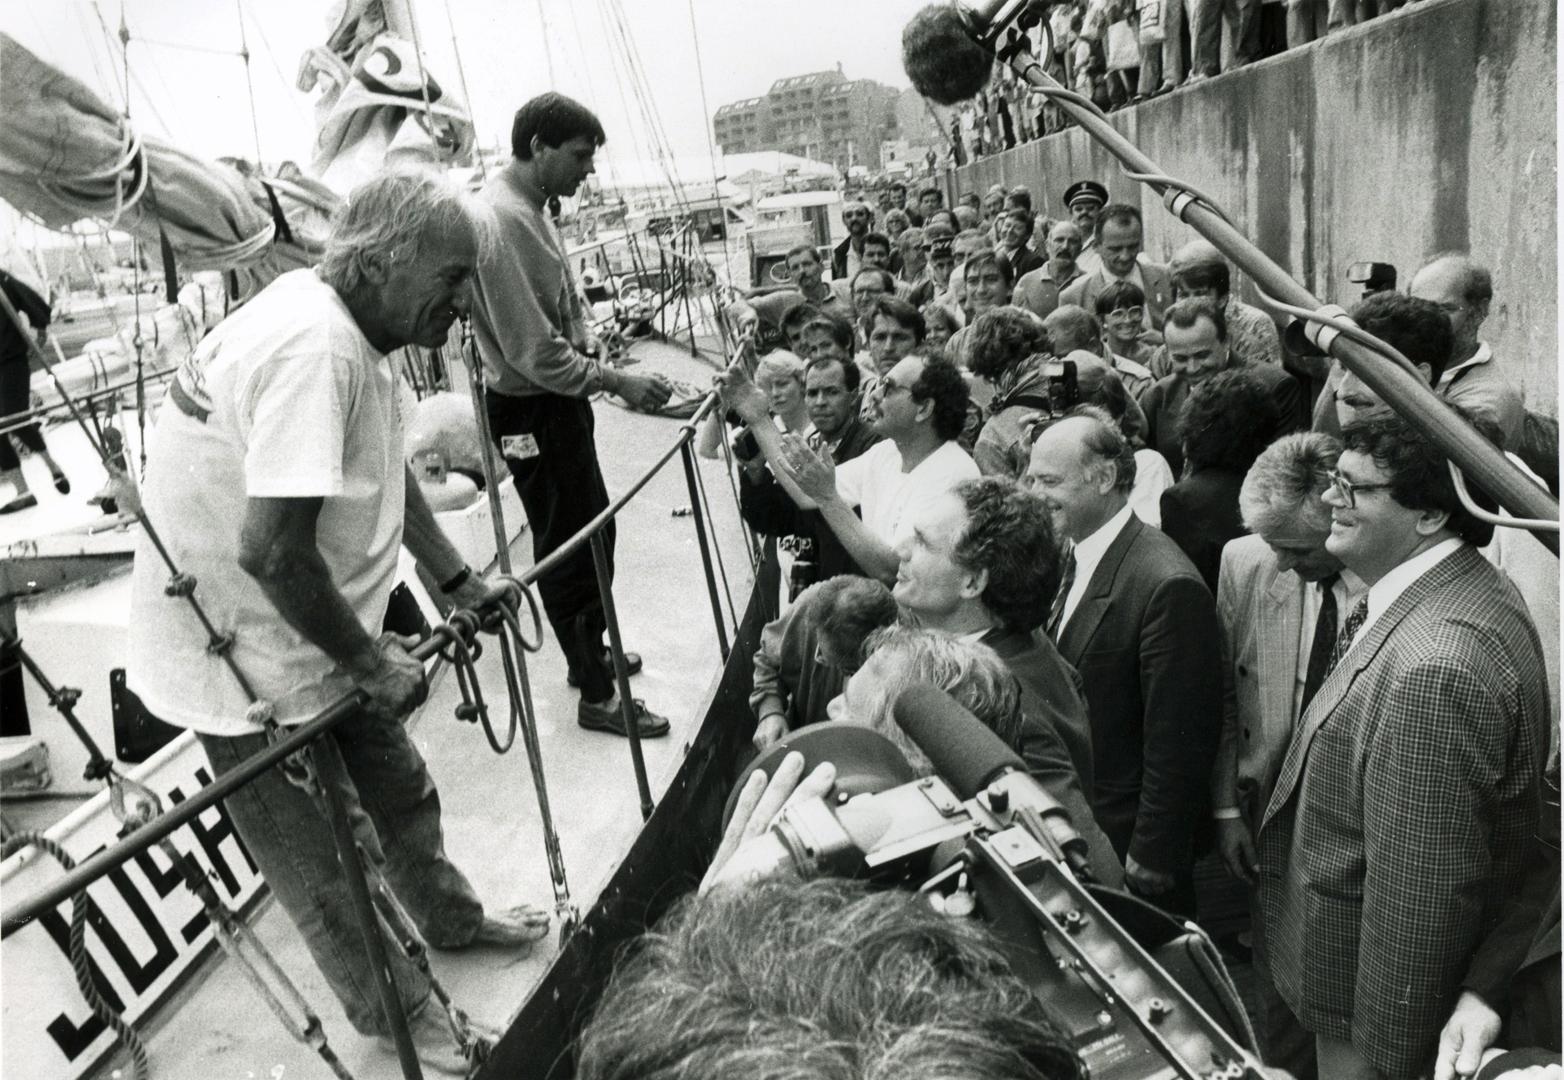 Arrivée de Bernard Moitessier, en compagnie de Pierre Follenfant, sur Joshua, au Grand Pavois 1991 (archives Musée Maritime)